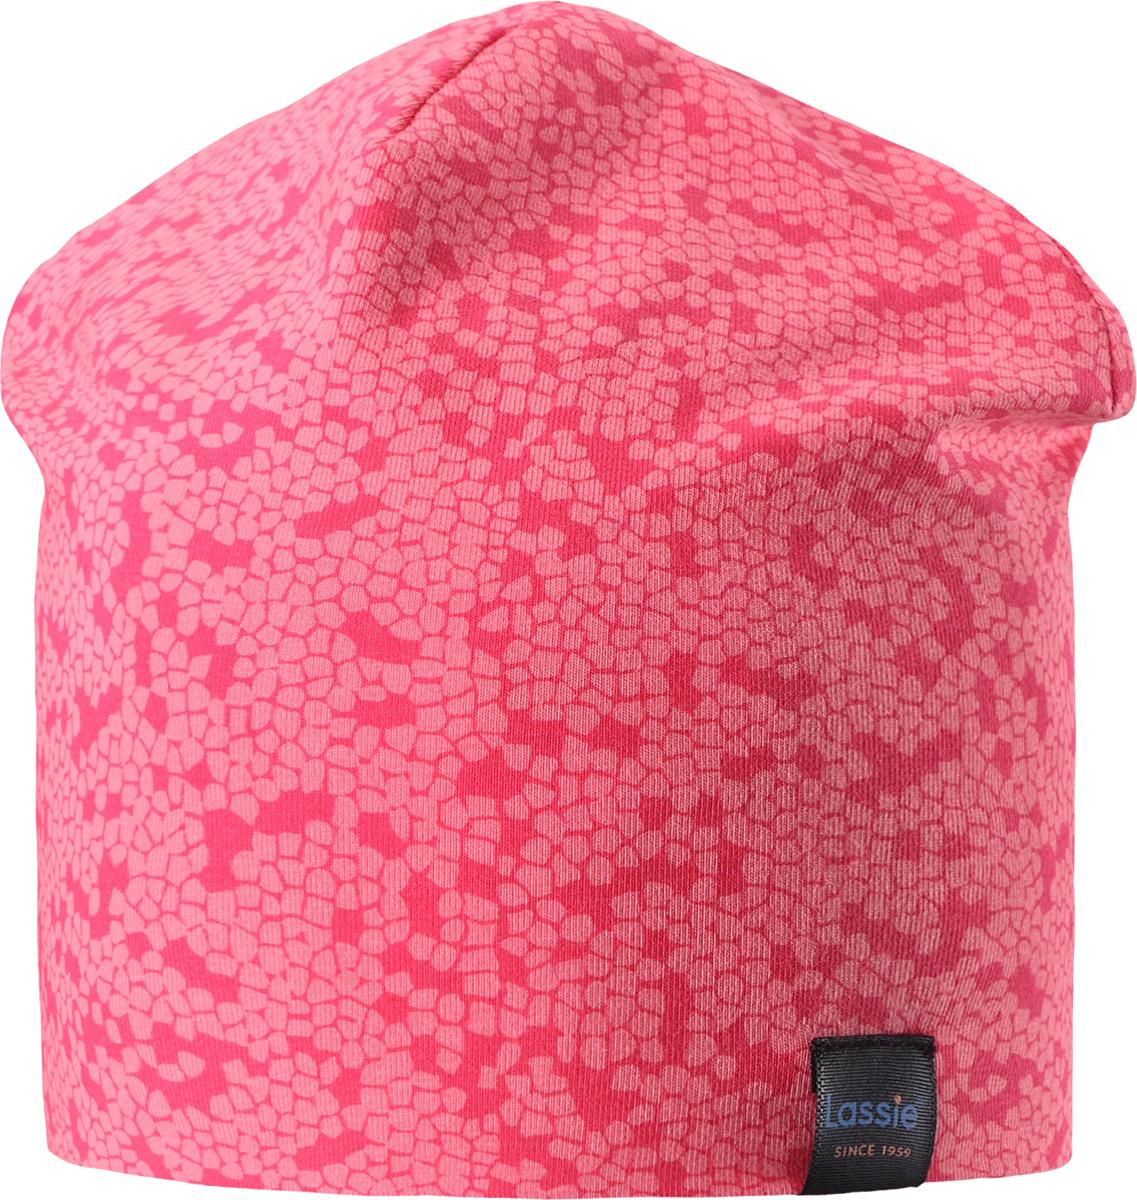 Шапка детская Lassie, цвет: розовый. 7287003400. Размер 50/52 шапка детская lassie цвет бордовый 728693 4980 размер s 46 48